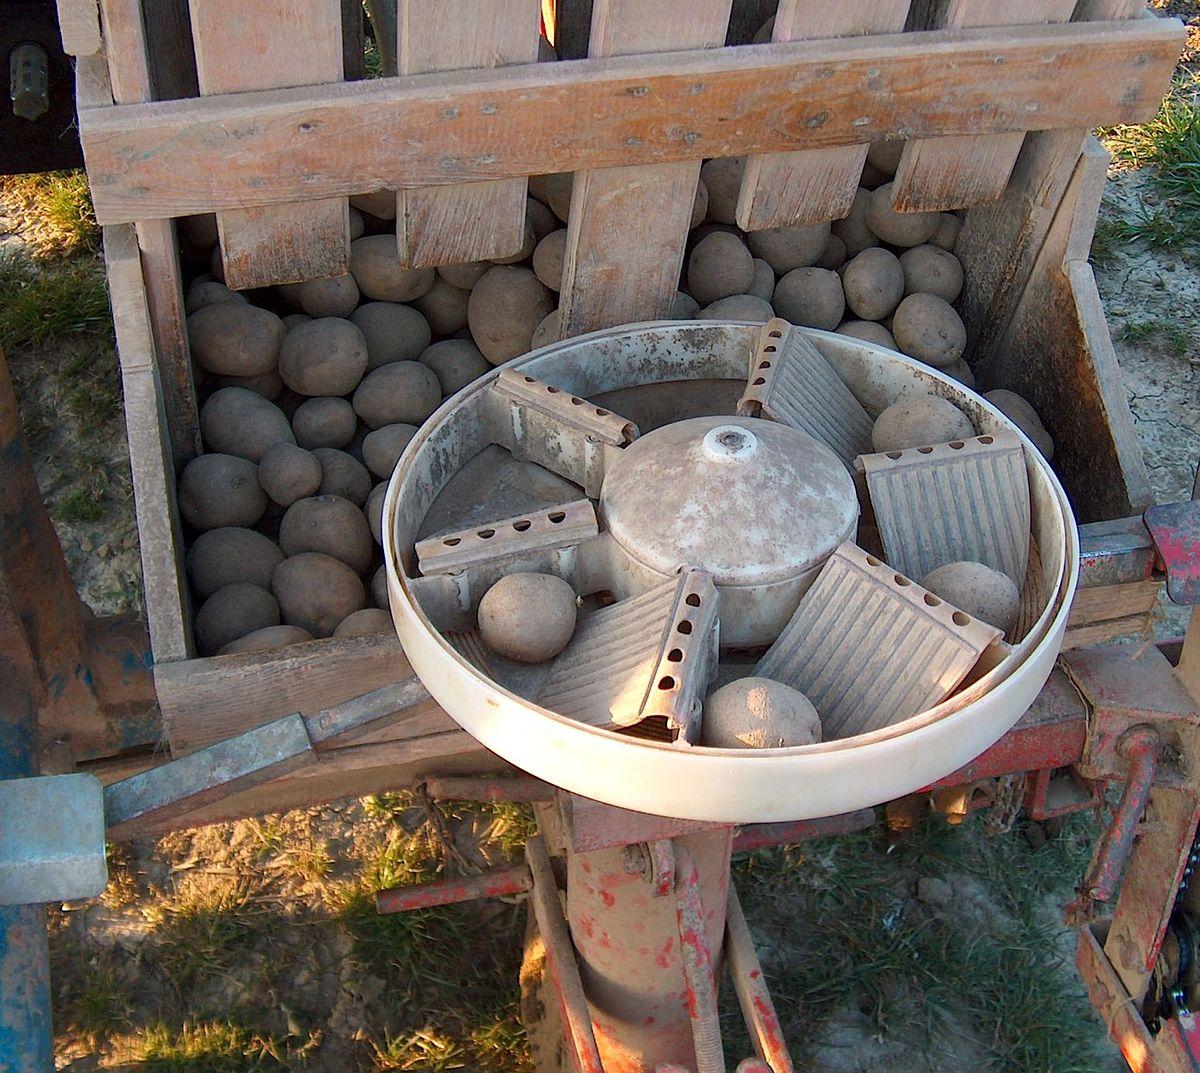 Planteuse de pommes de terre wikip dia - Machine pour ramasser les pommes ...